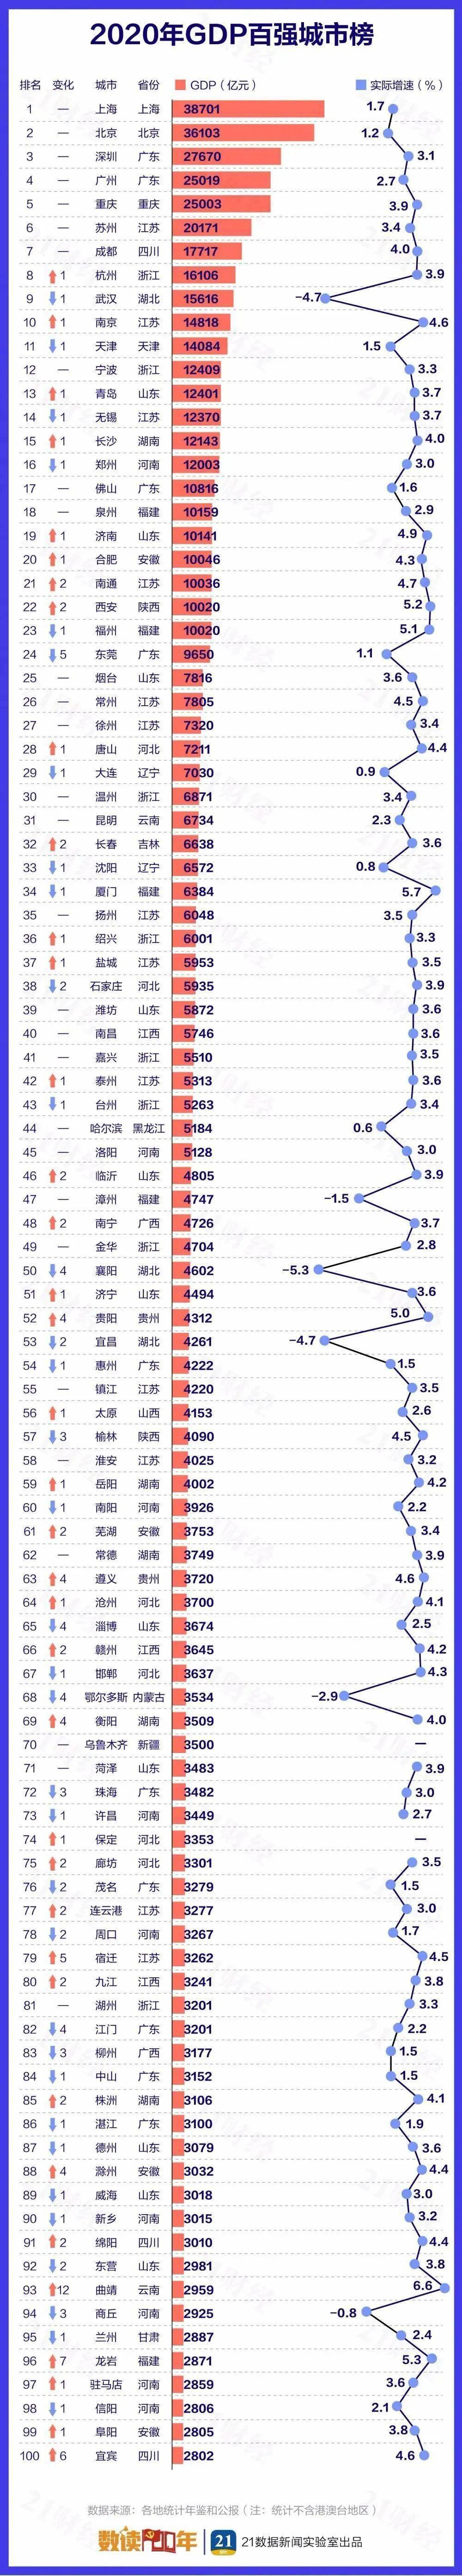 中国县区gdp排名_中国县市人均GDP十强:昆山第六,神木跻身前三,浙江无一入围